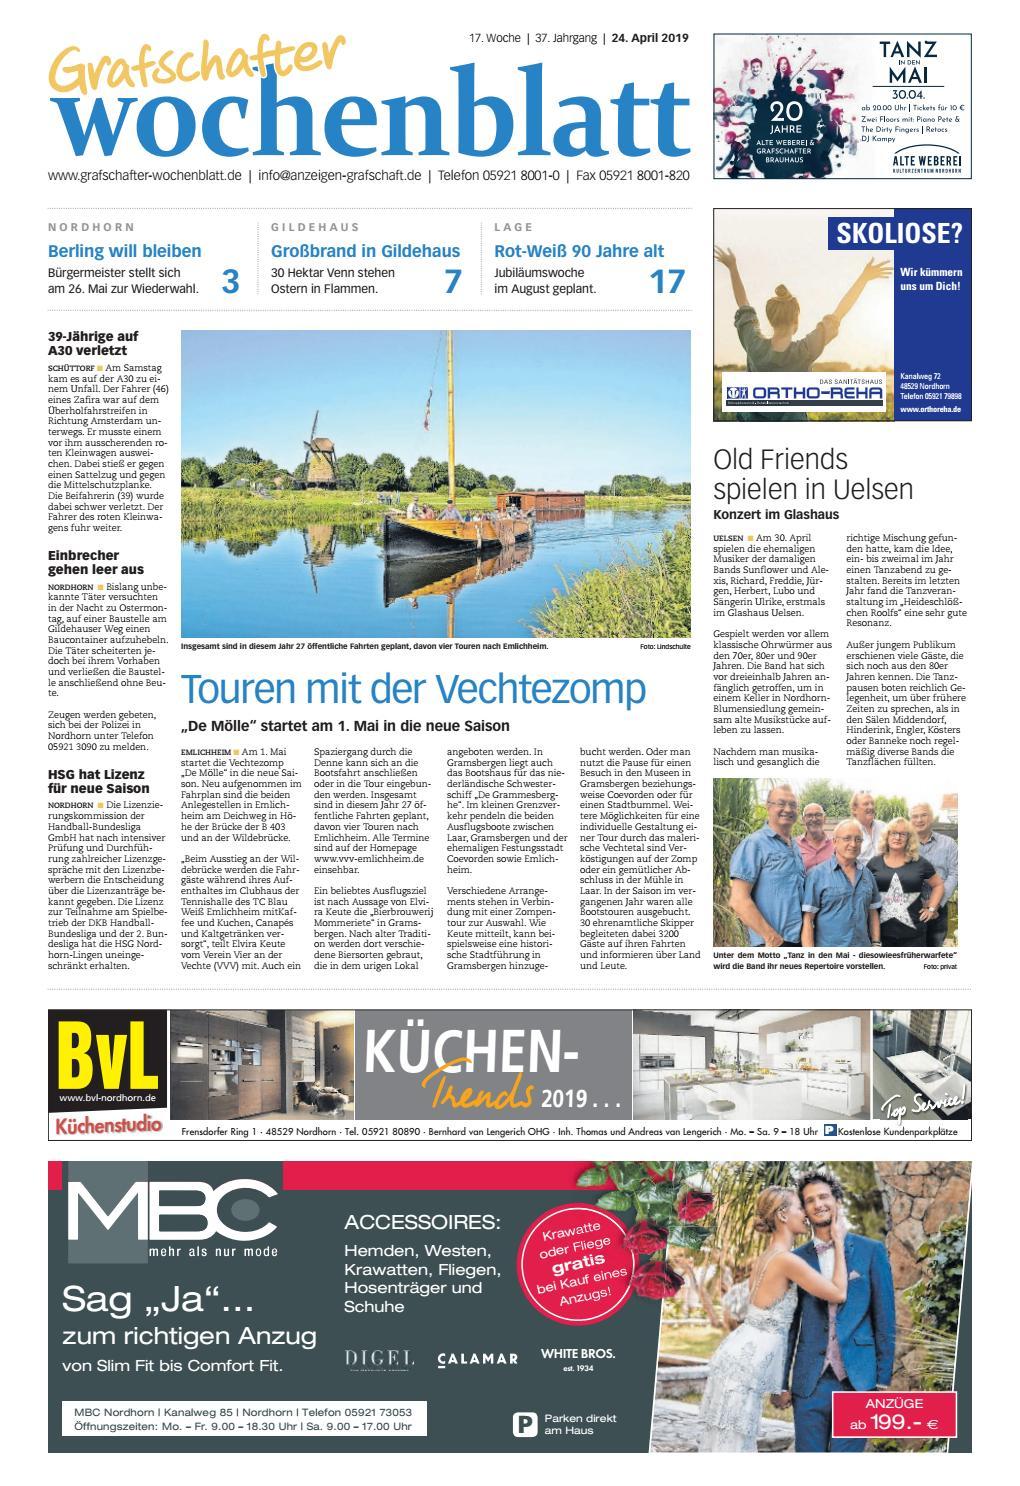 188d956312ba02 Grafschafter Wochenblatt 2019-04-24 by Grafschafter Nachrichten - issuu